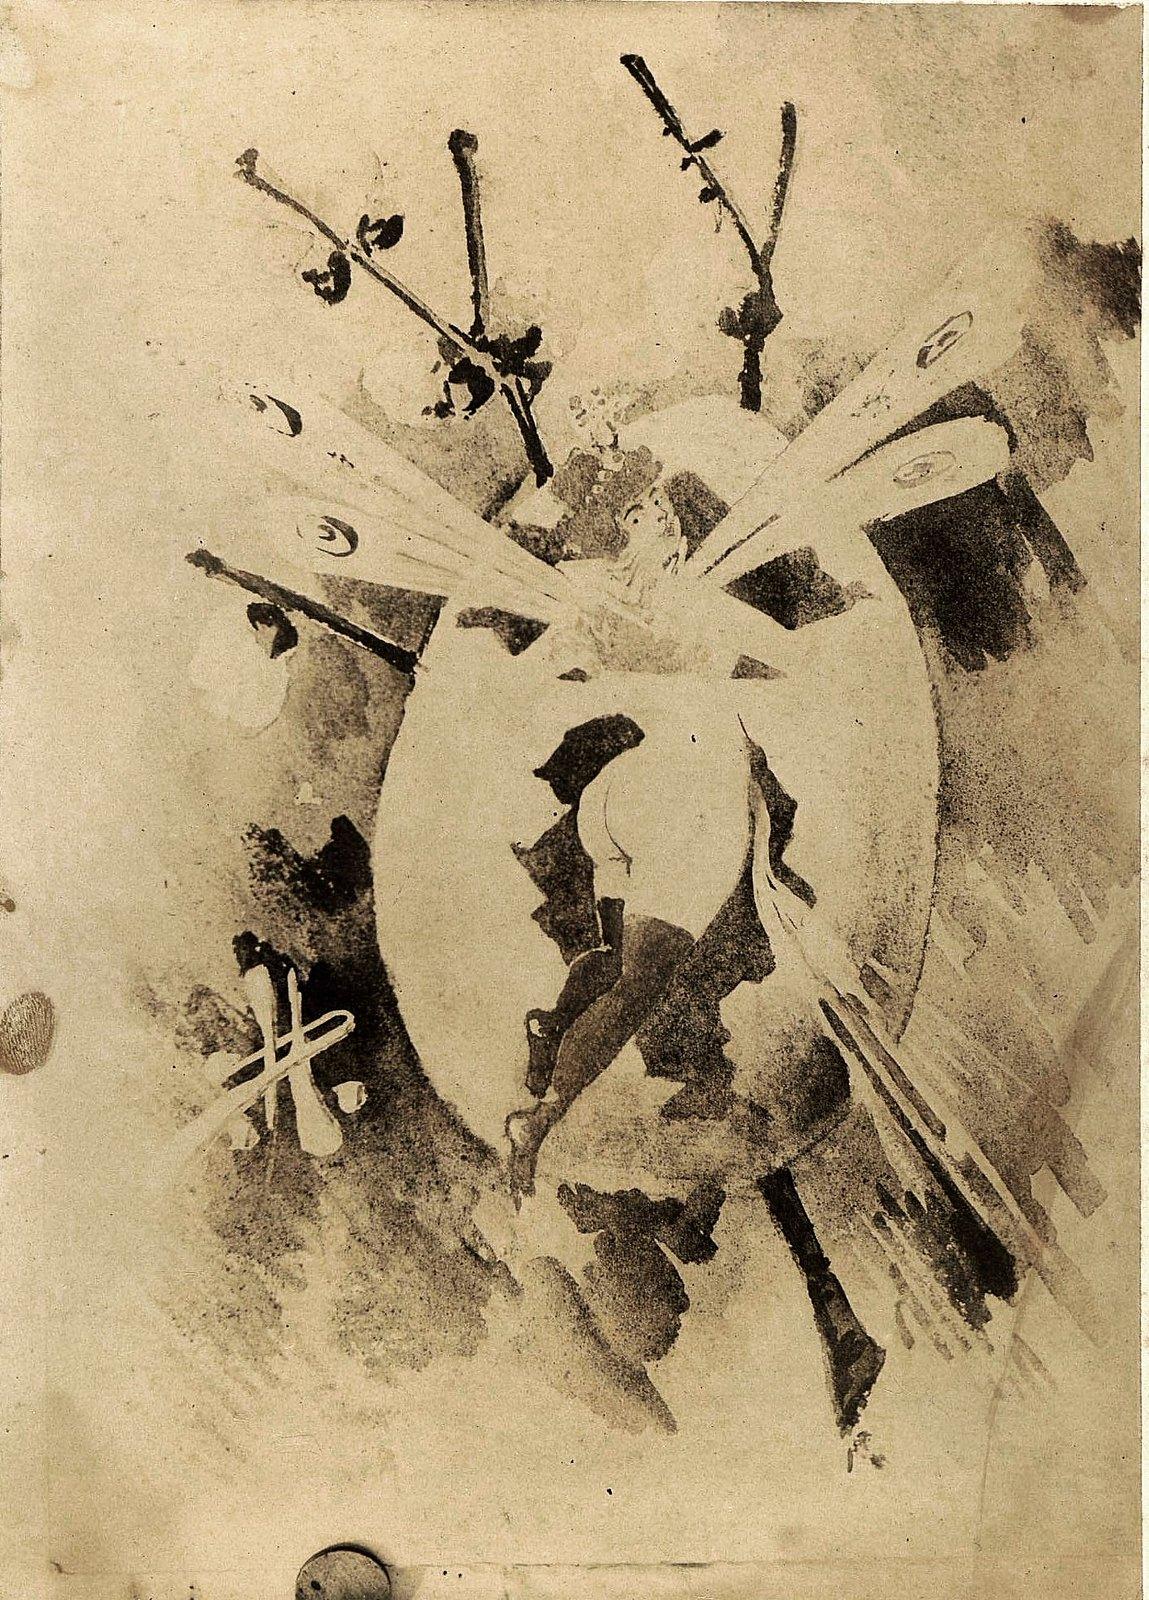 1899. Поздравление с Пасхой, присланное в кают-кампанию крейсера «Владимир Мономах» лейтенантом Нееловым.